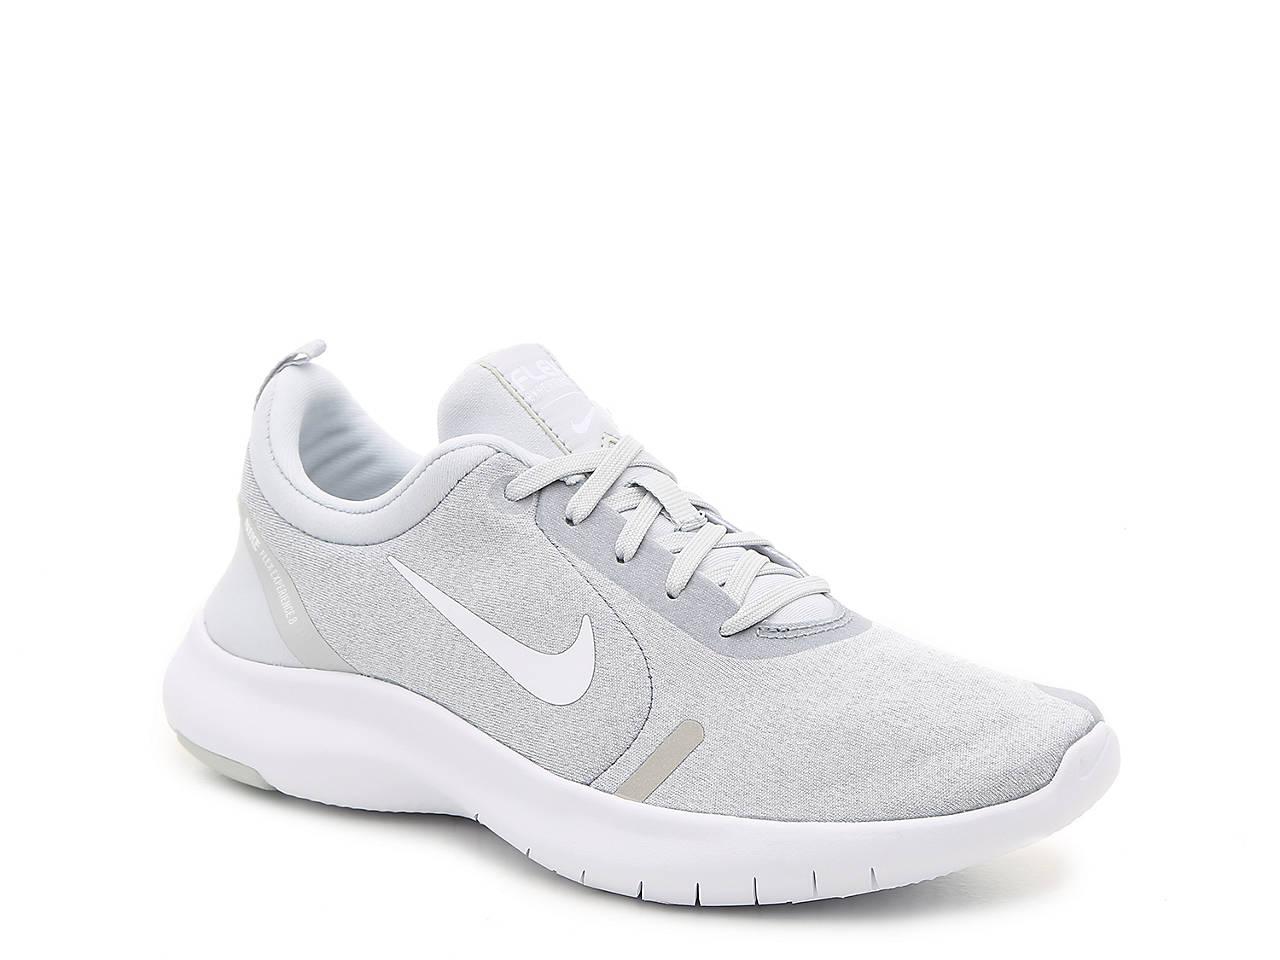 Nike Flex Experience RN 8 Lightweight Running Shoe Women's